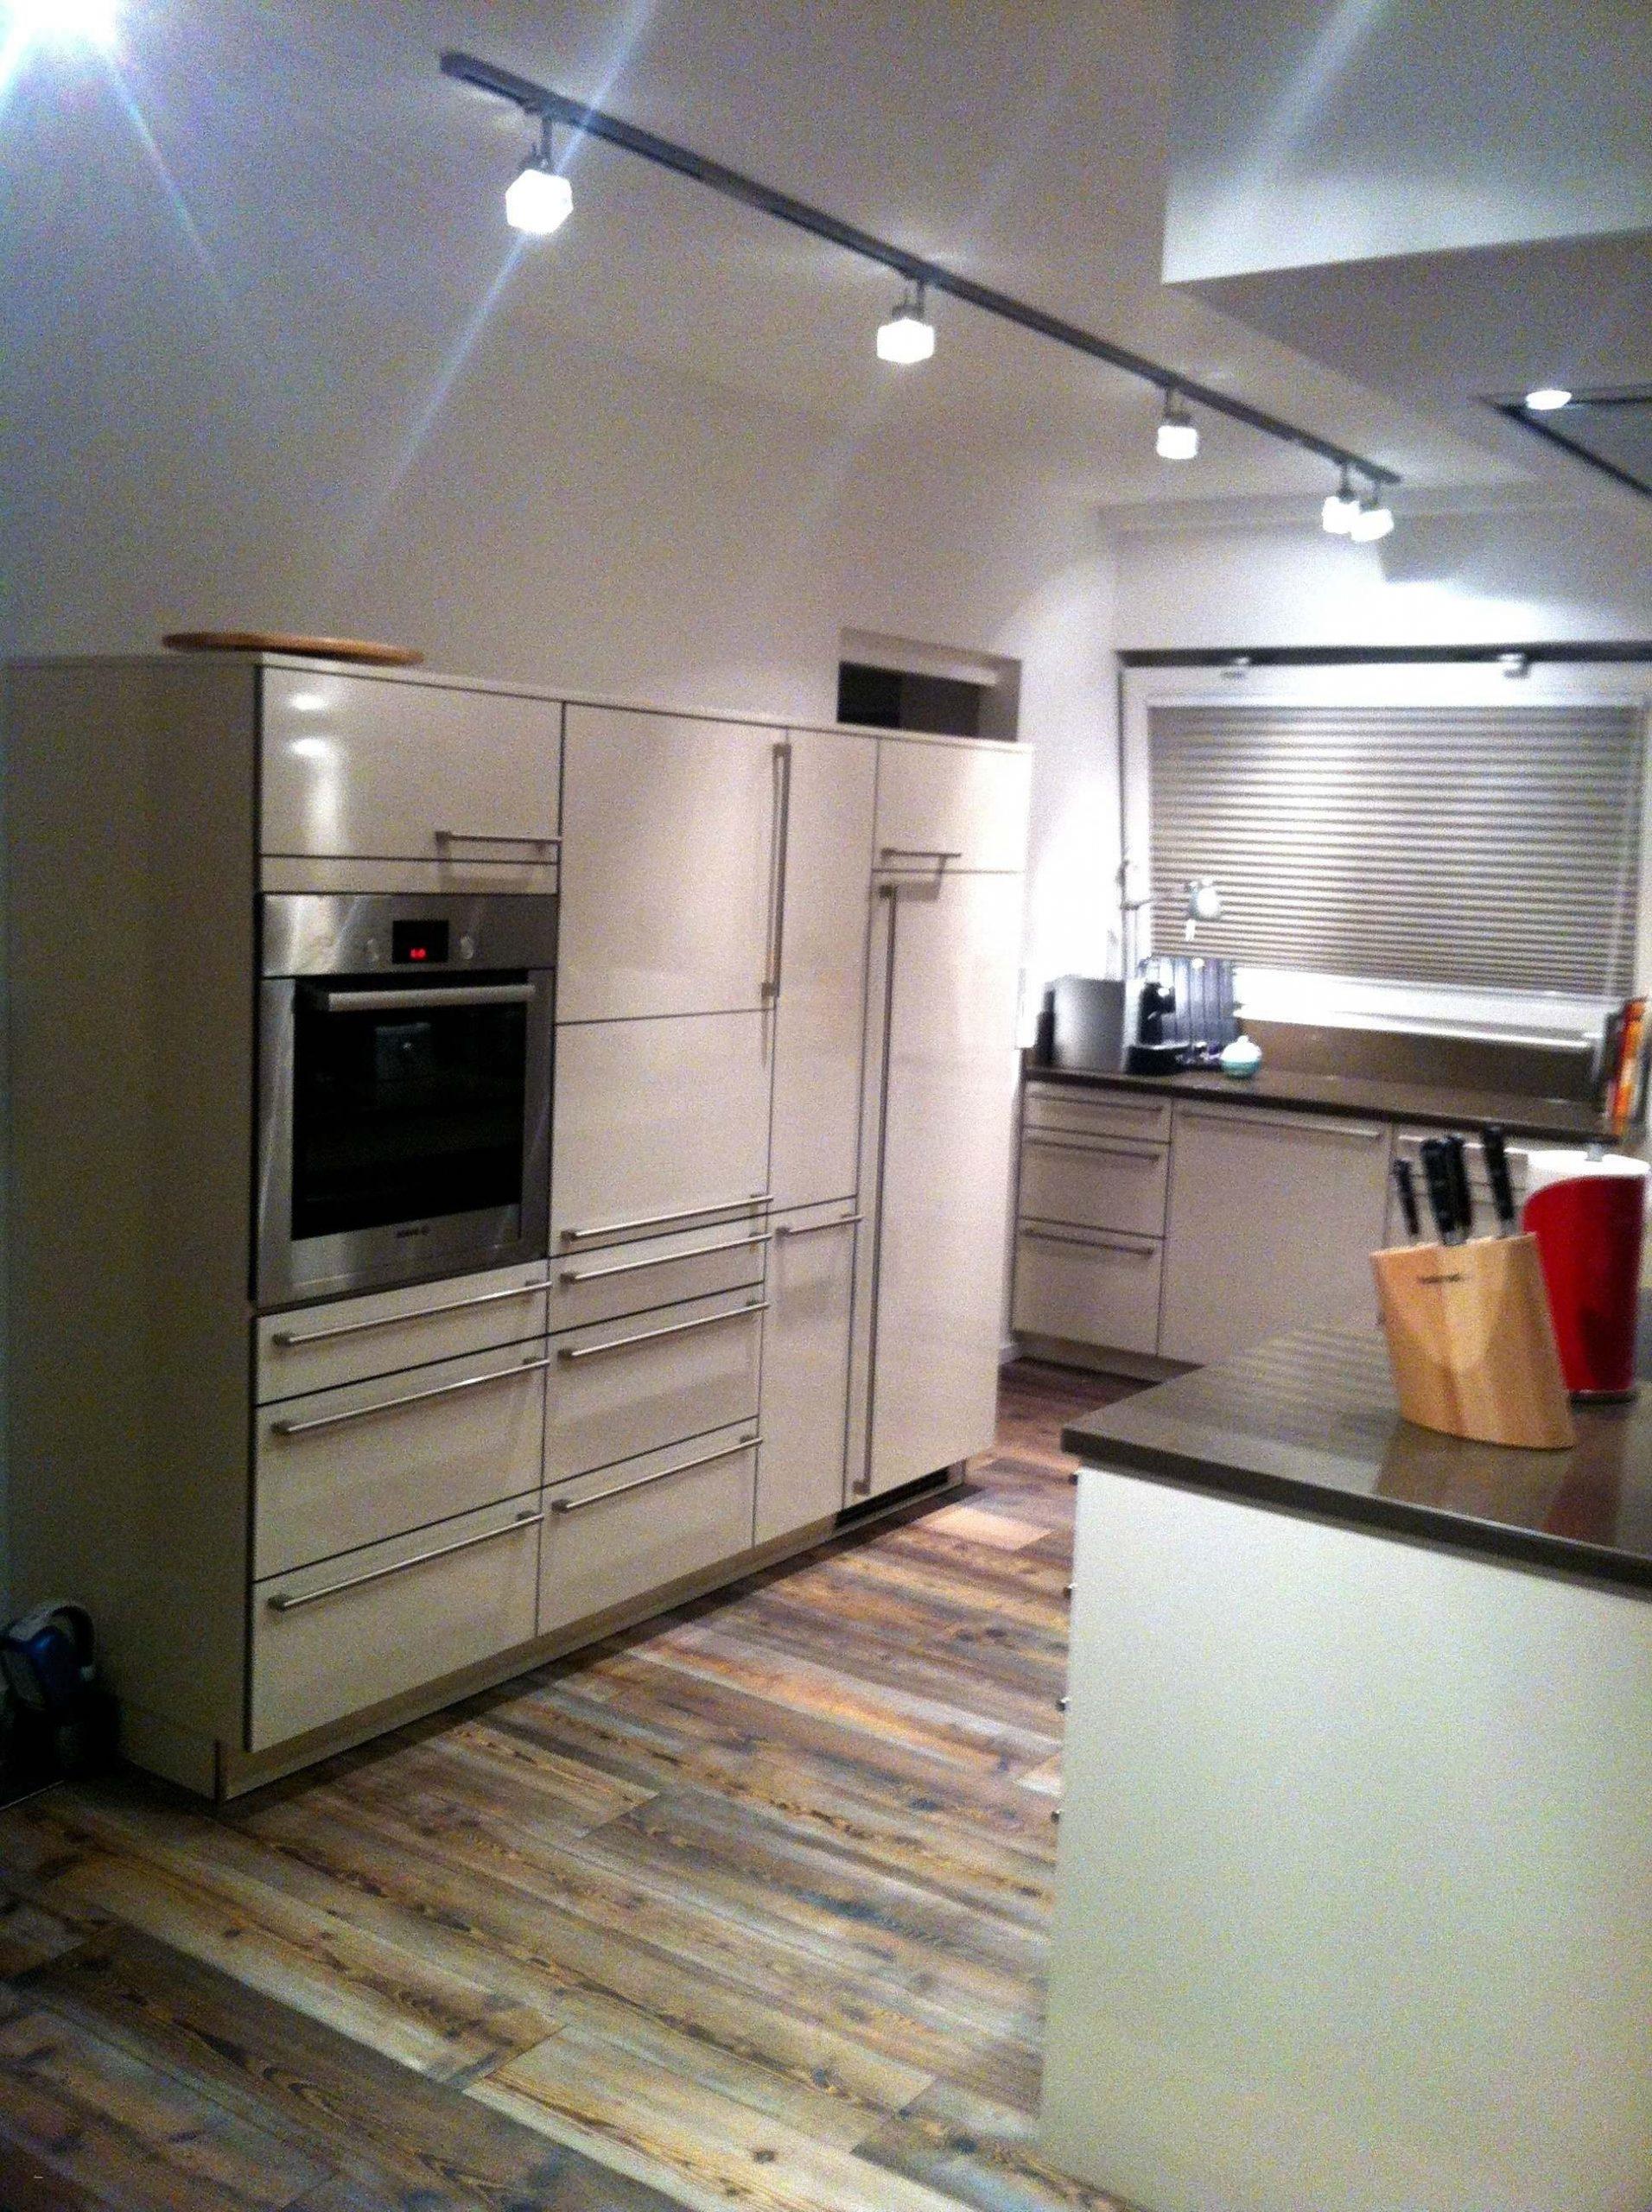 Full Size of 25 Luxus Einbaukche Mit Viel Stauraum Kitchen Aluminium Bad Hängeschrank Weiß Hochglanz Badezimmer Küche Höhe Glastüren Wohnzimmer Nolte Schlafzimmer Wohnzimmer Nolte Hängeschrank